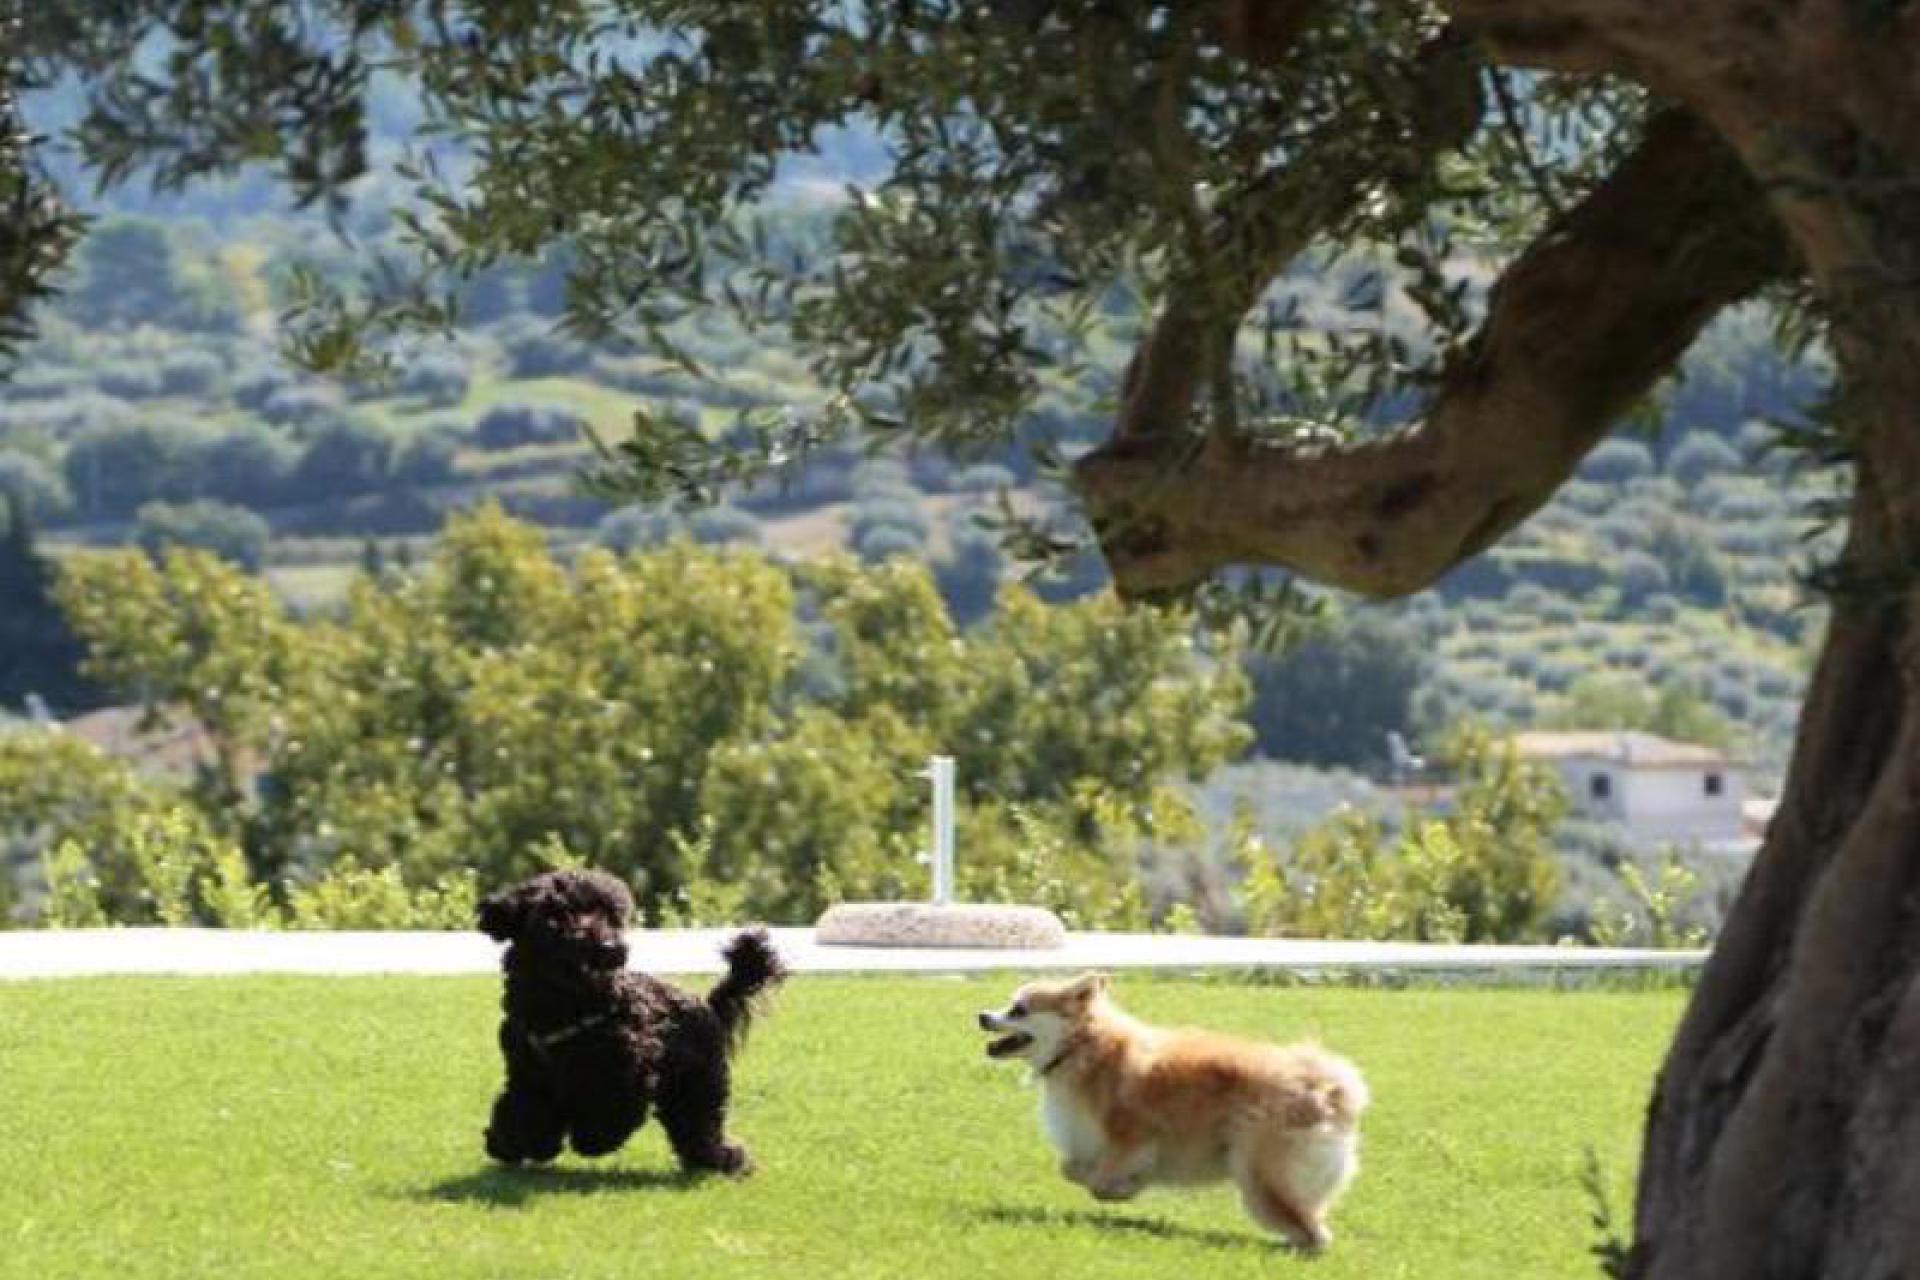 Agriturismo Sicilie Knusse agriturismo verscholen tussen amandel- en olijfbomen